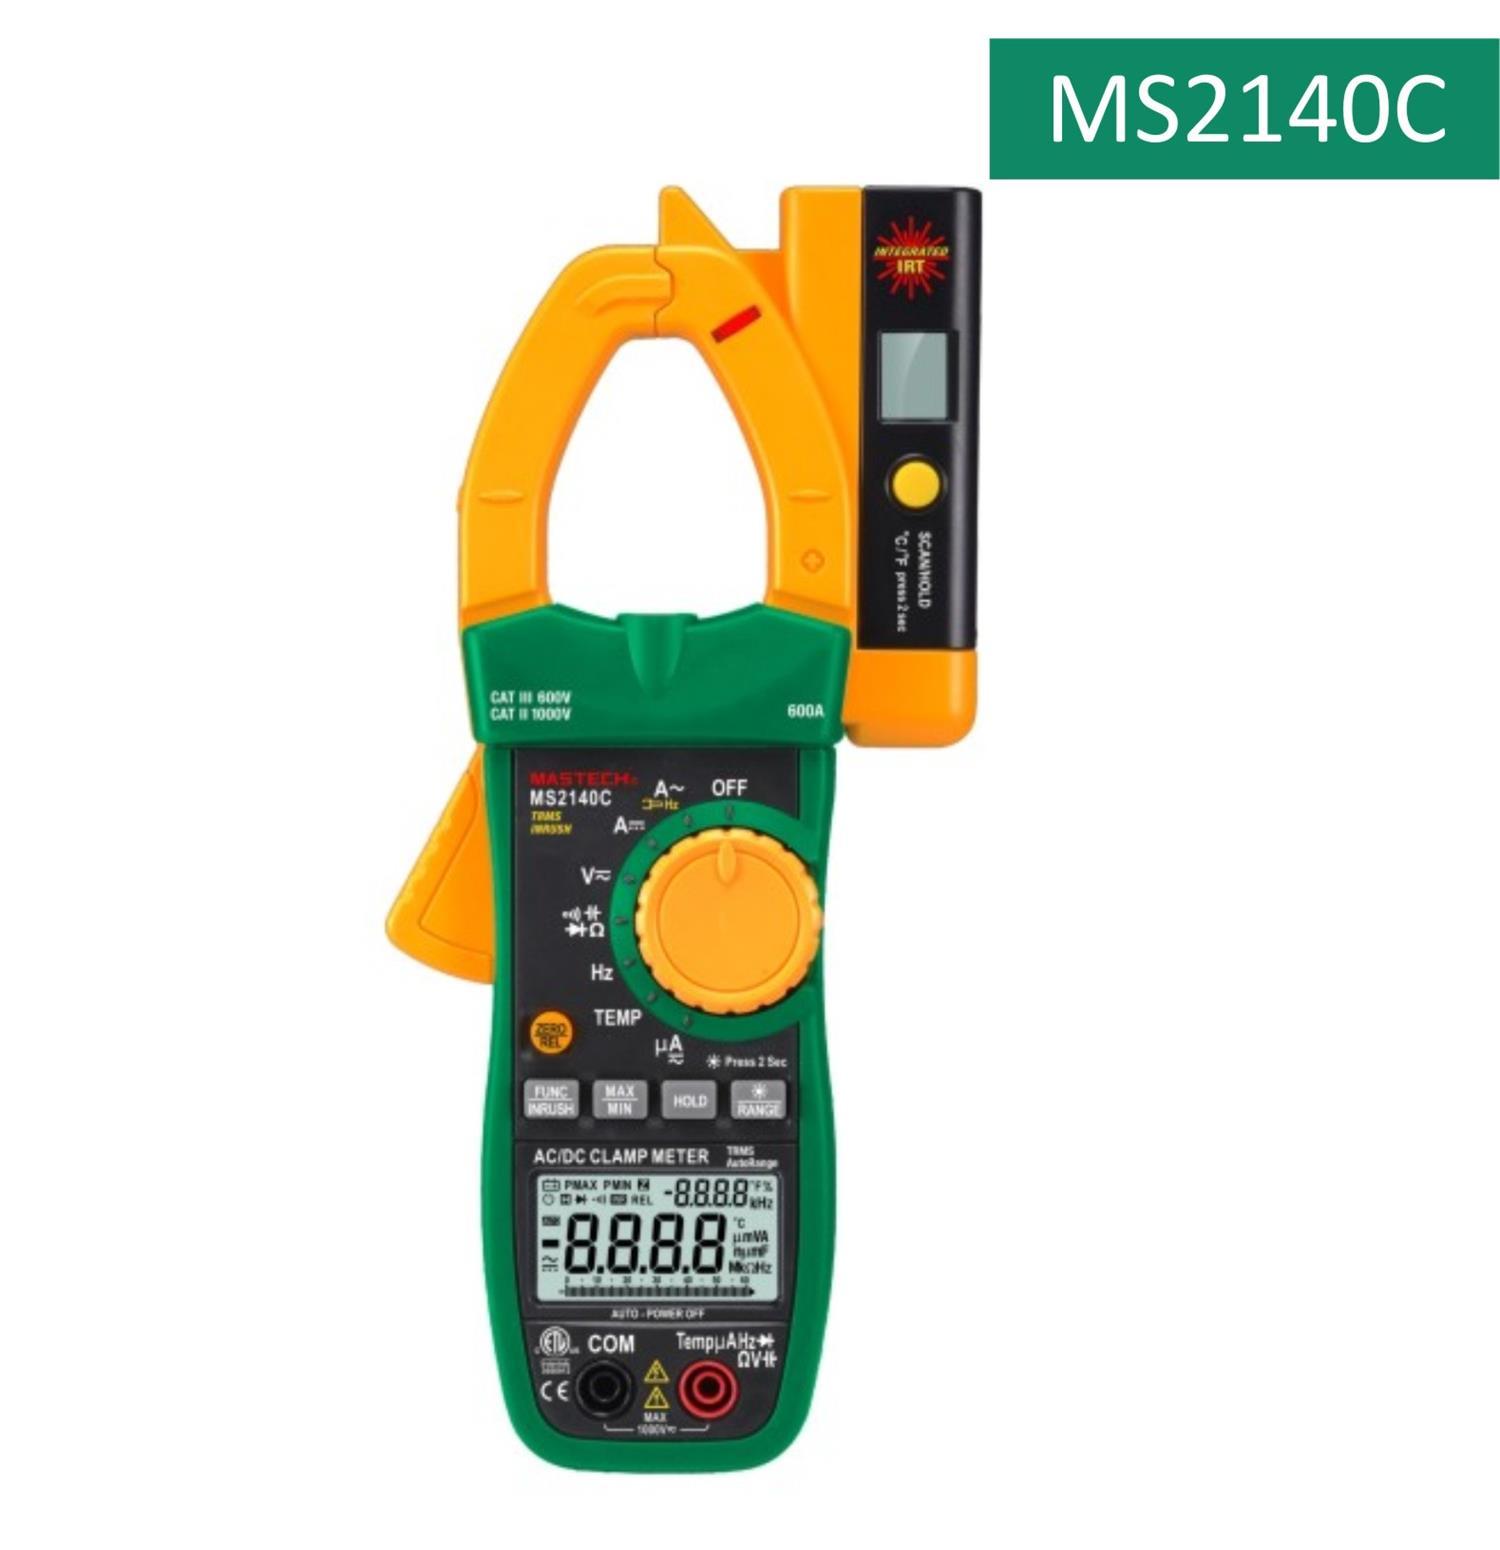 MS2140C